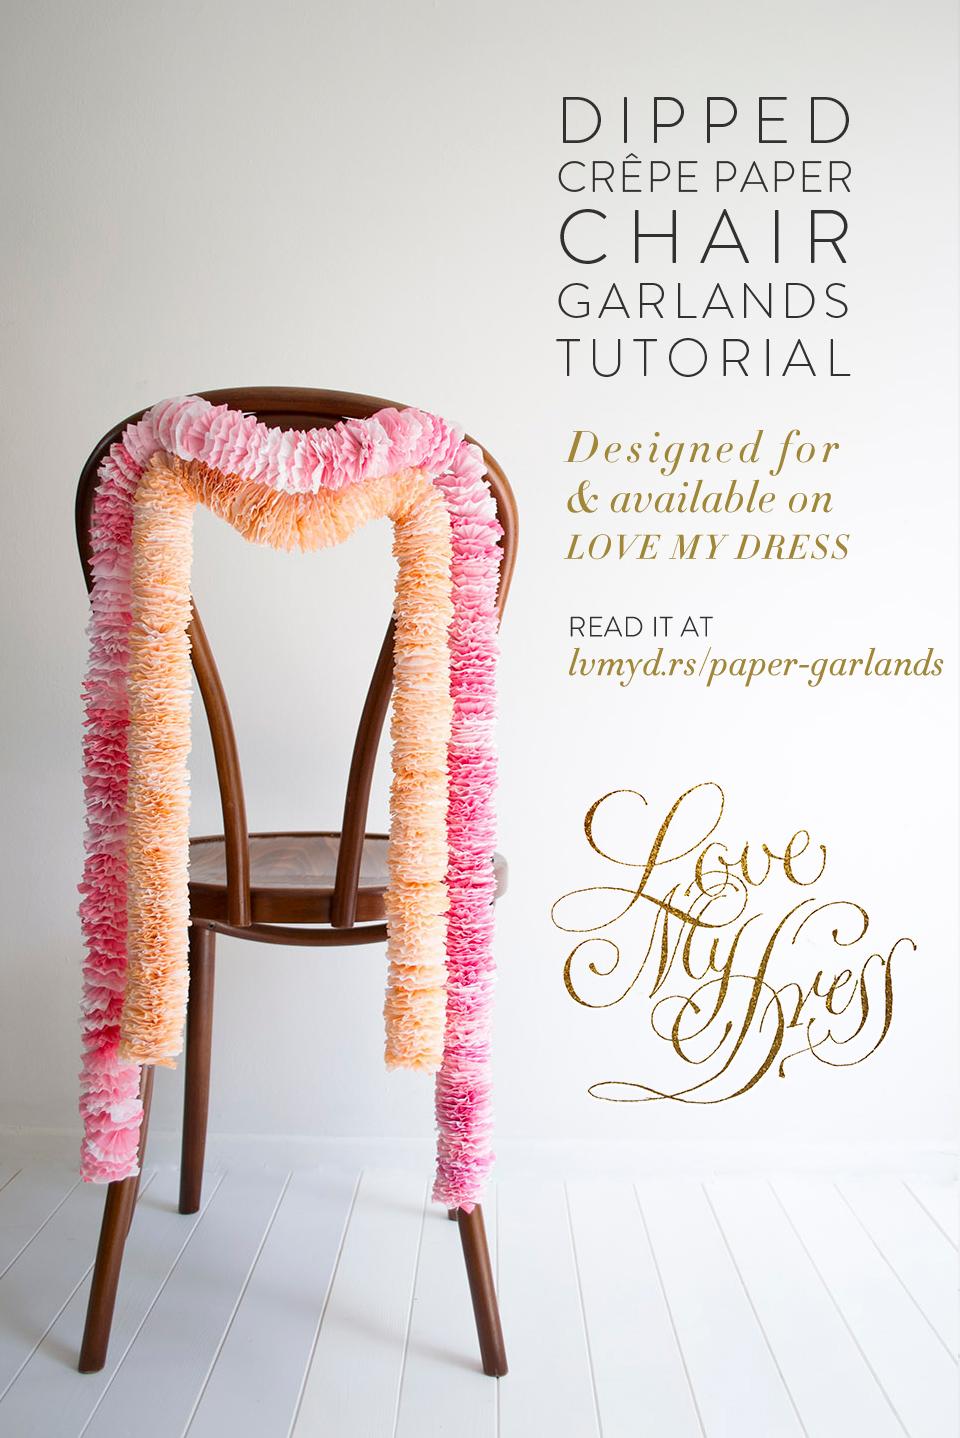 DIY Tutorial: Dipped Crepe Paper Chair Garlands